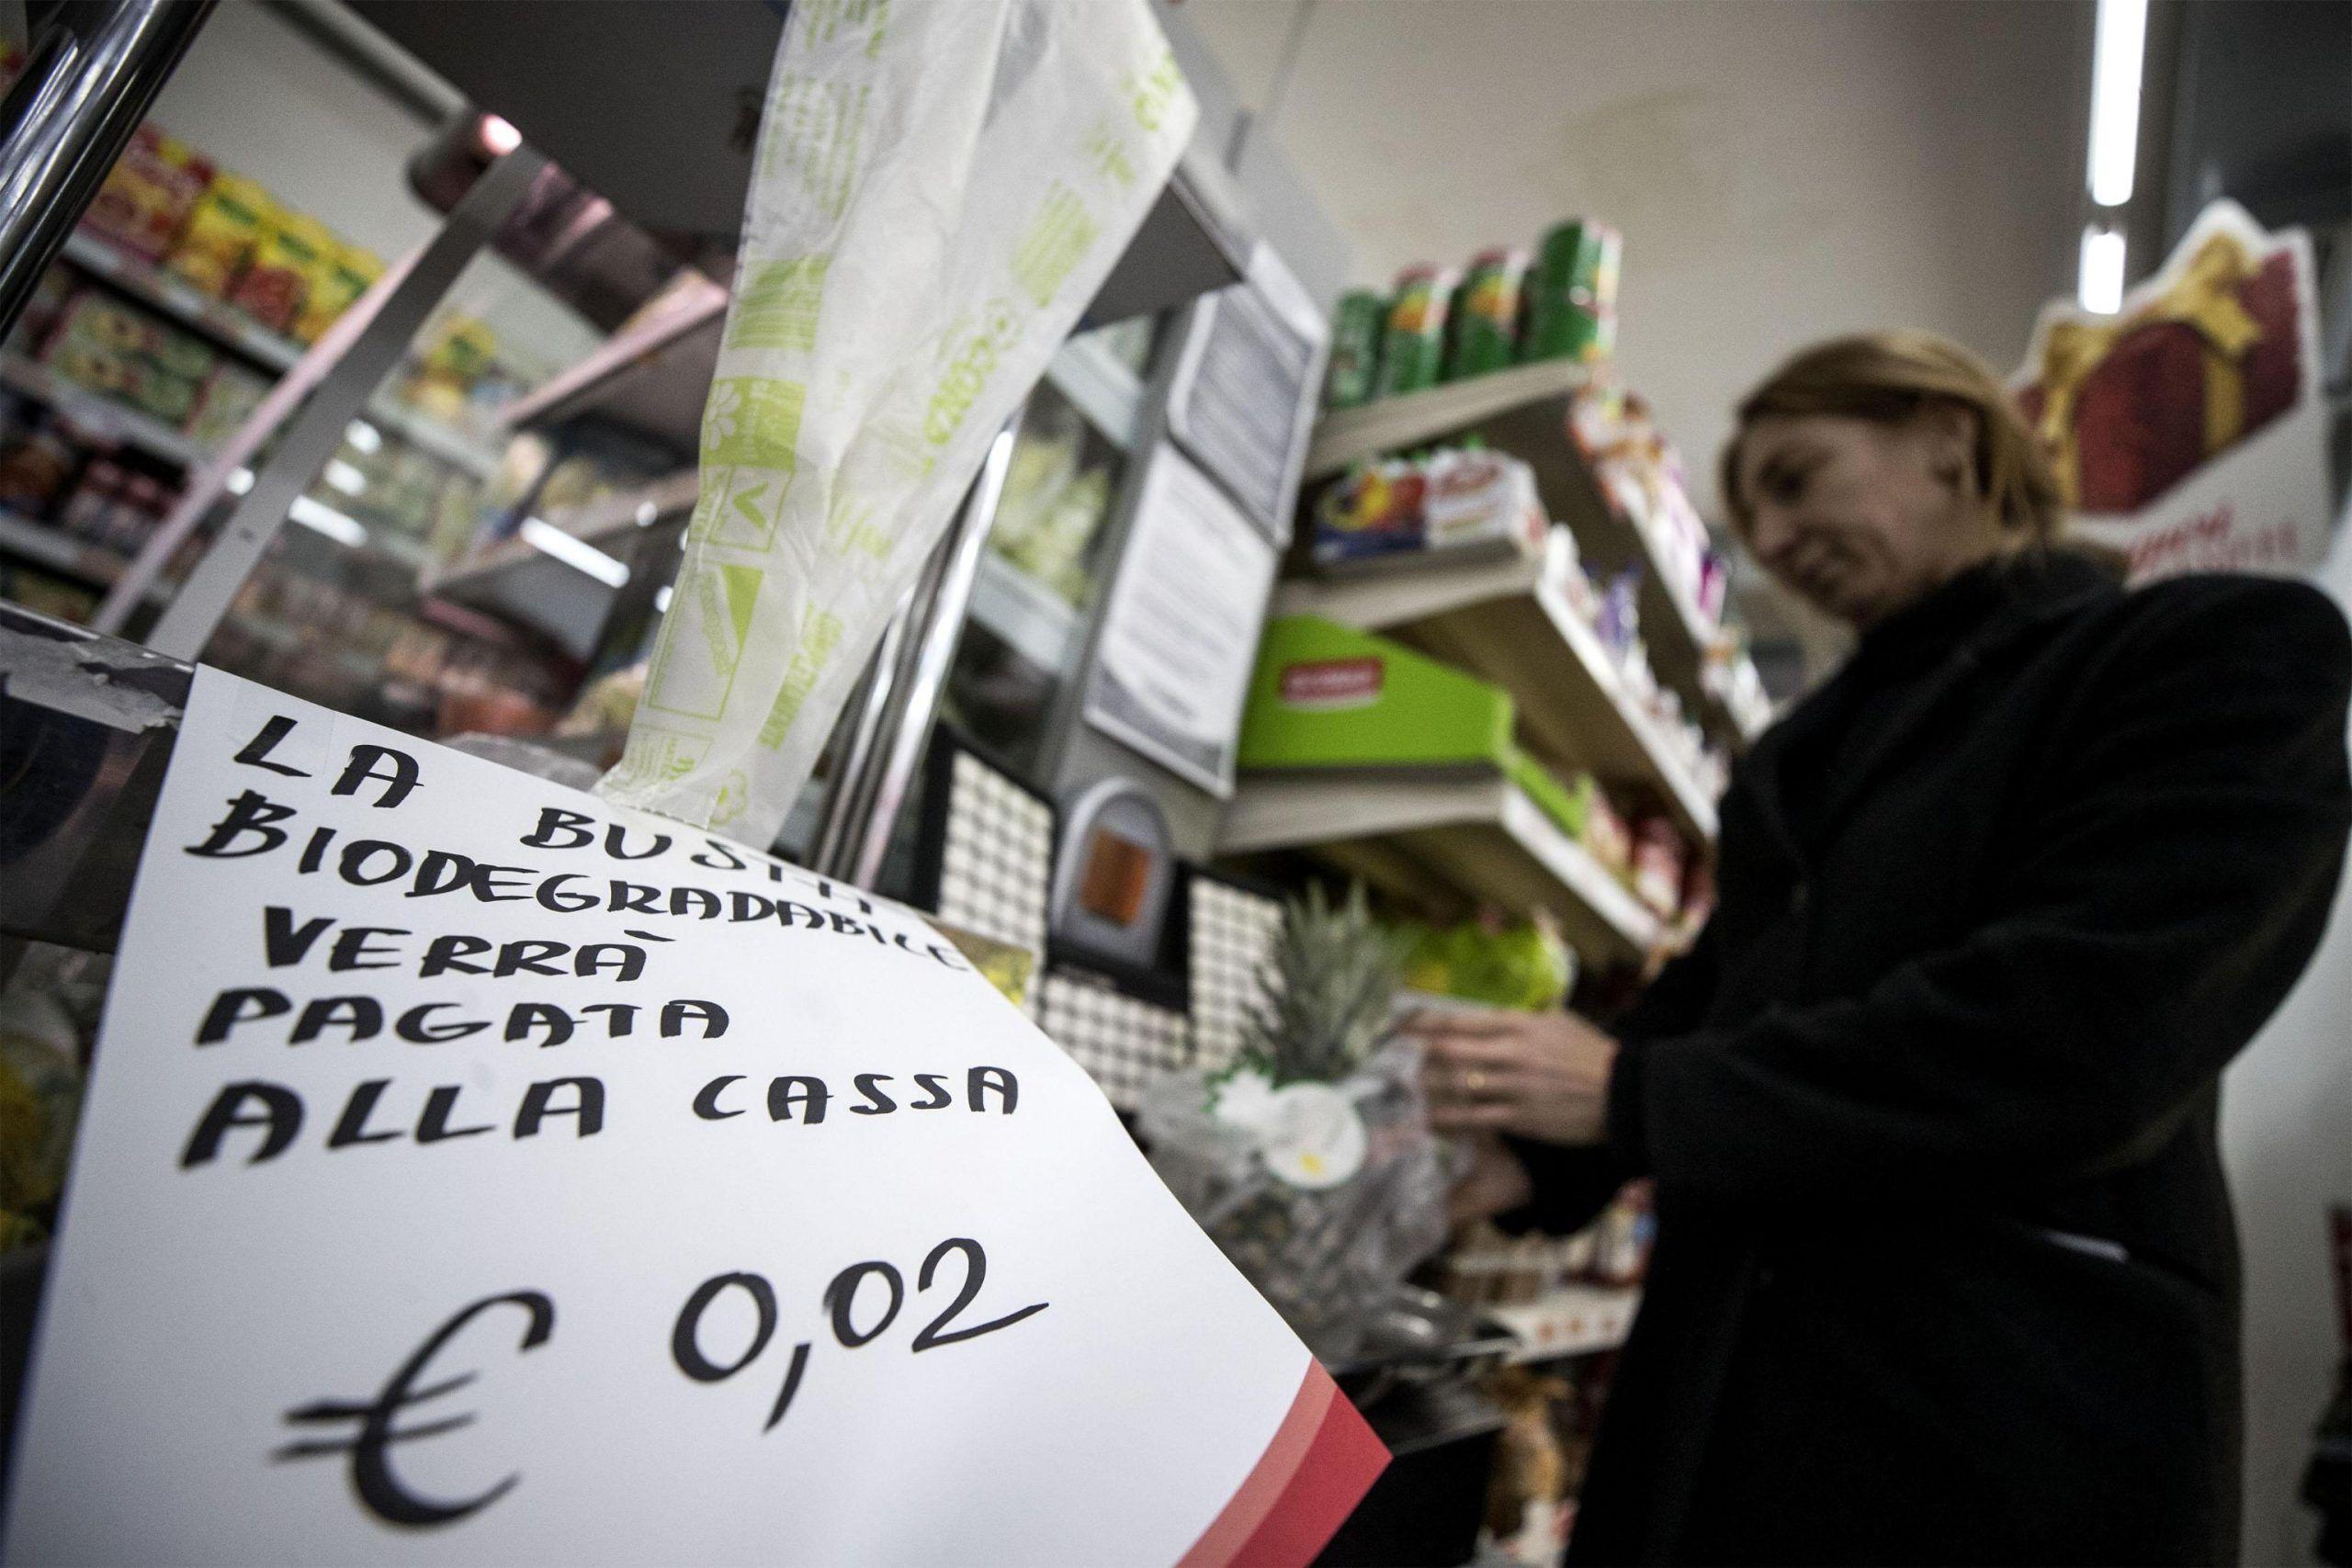 Sacchetti bio per frutta e verdura a pagamento: italiani divisi e Renzi risponde ai complottisti